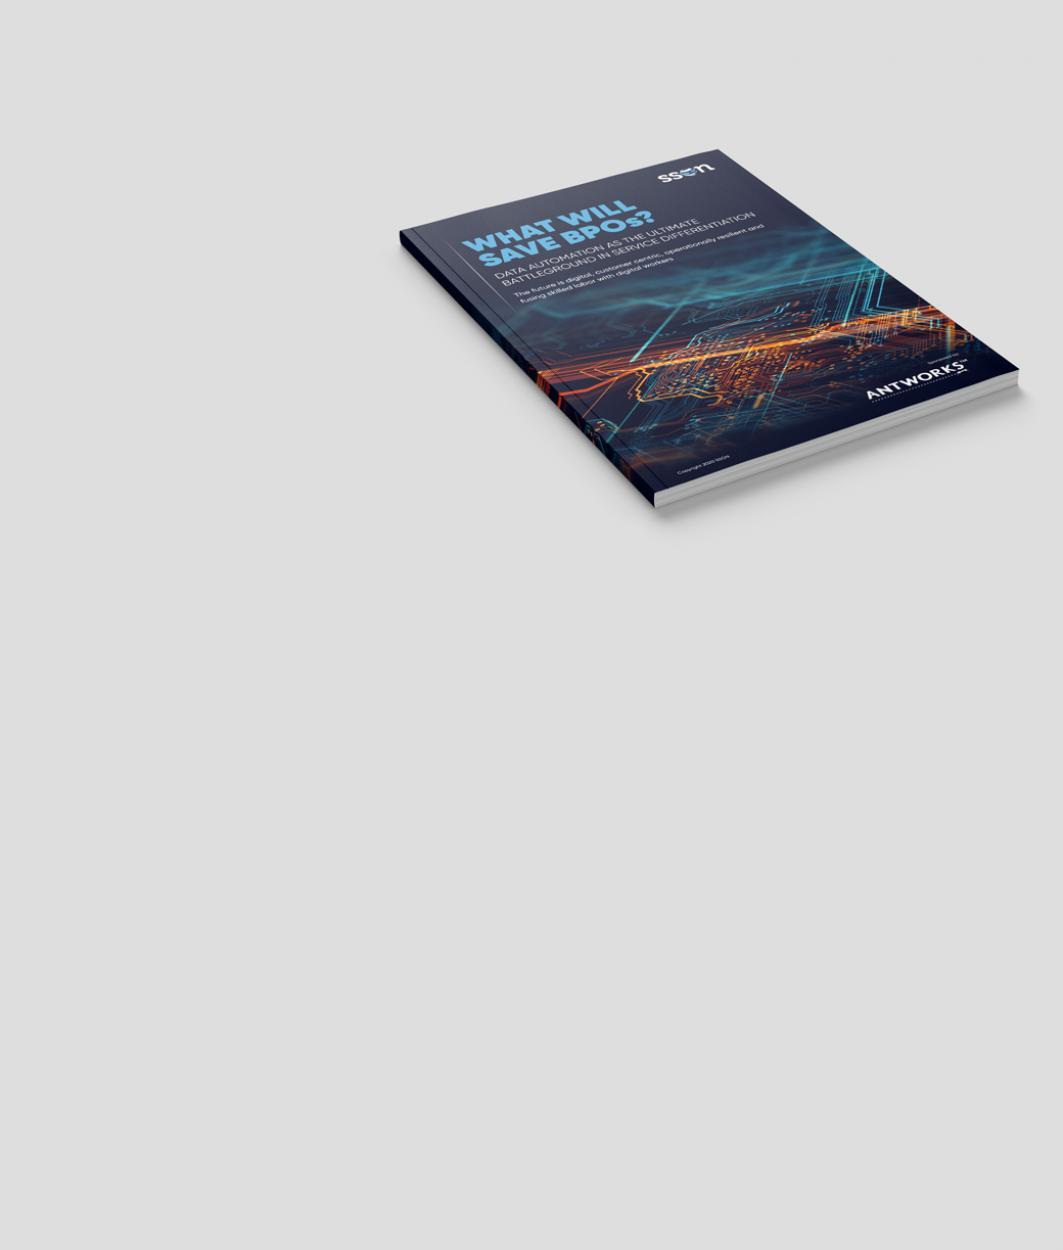 SSON-BPO-Carousel-AntWorks